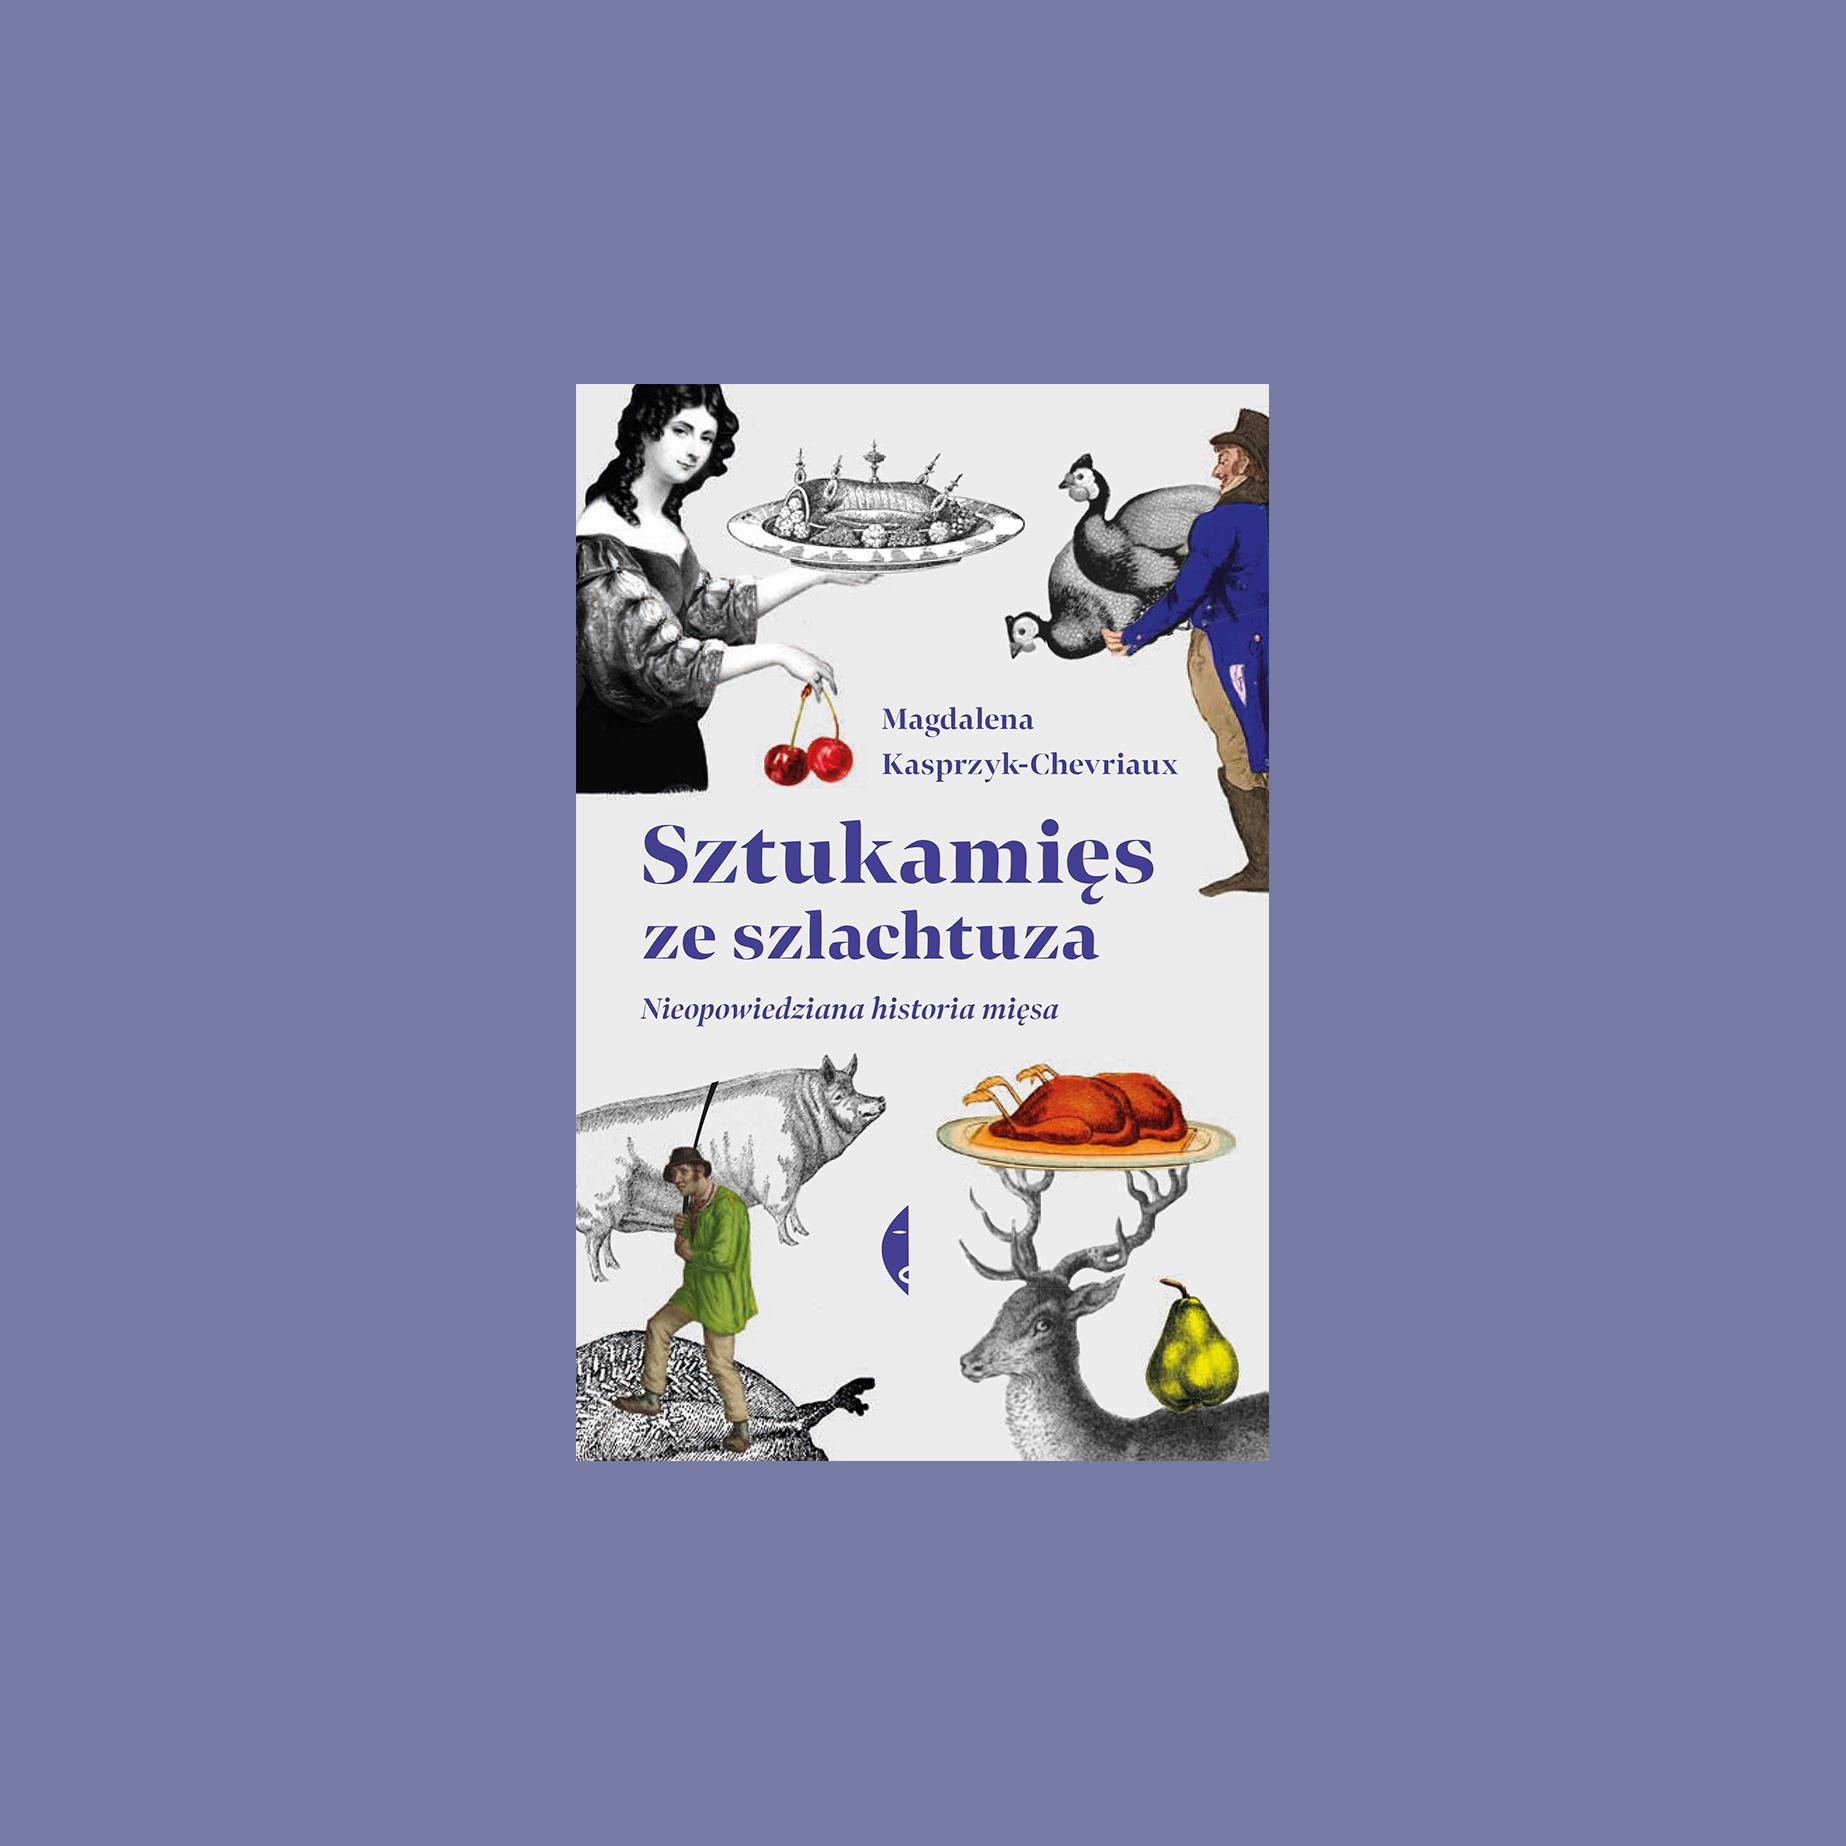 mkc_book2_05